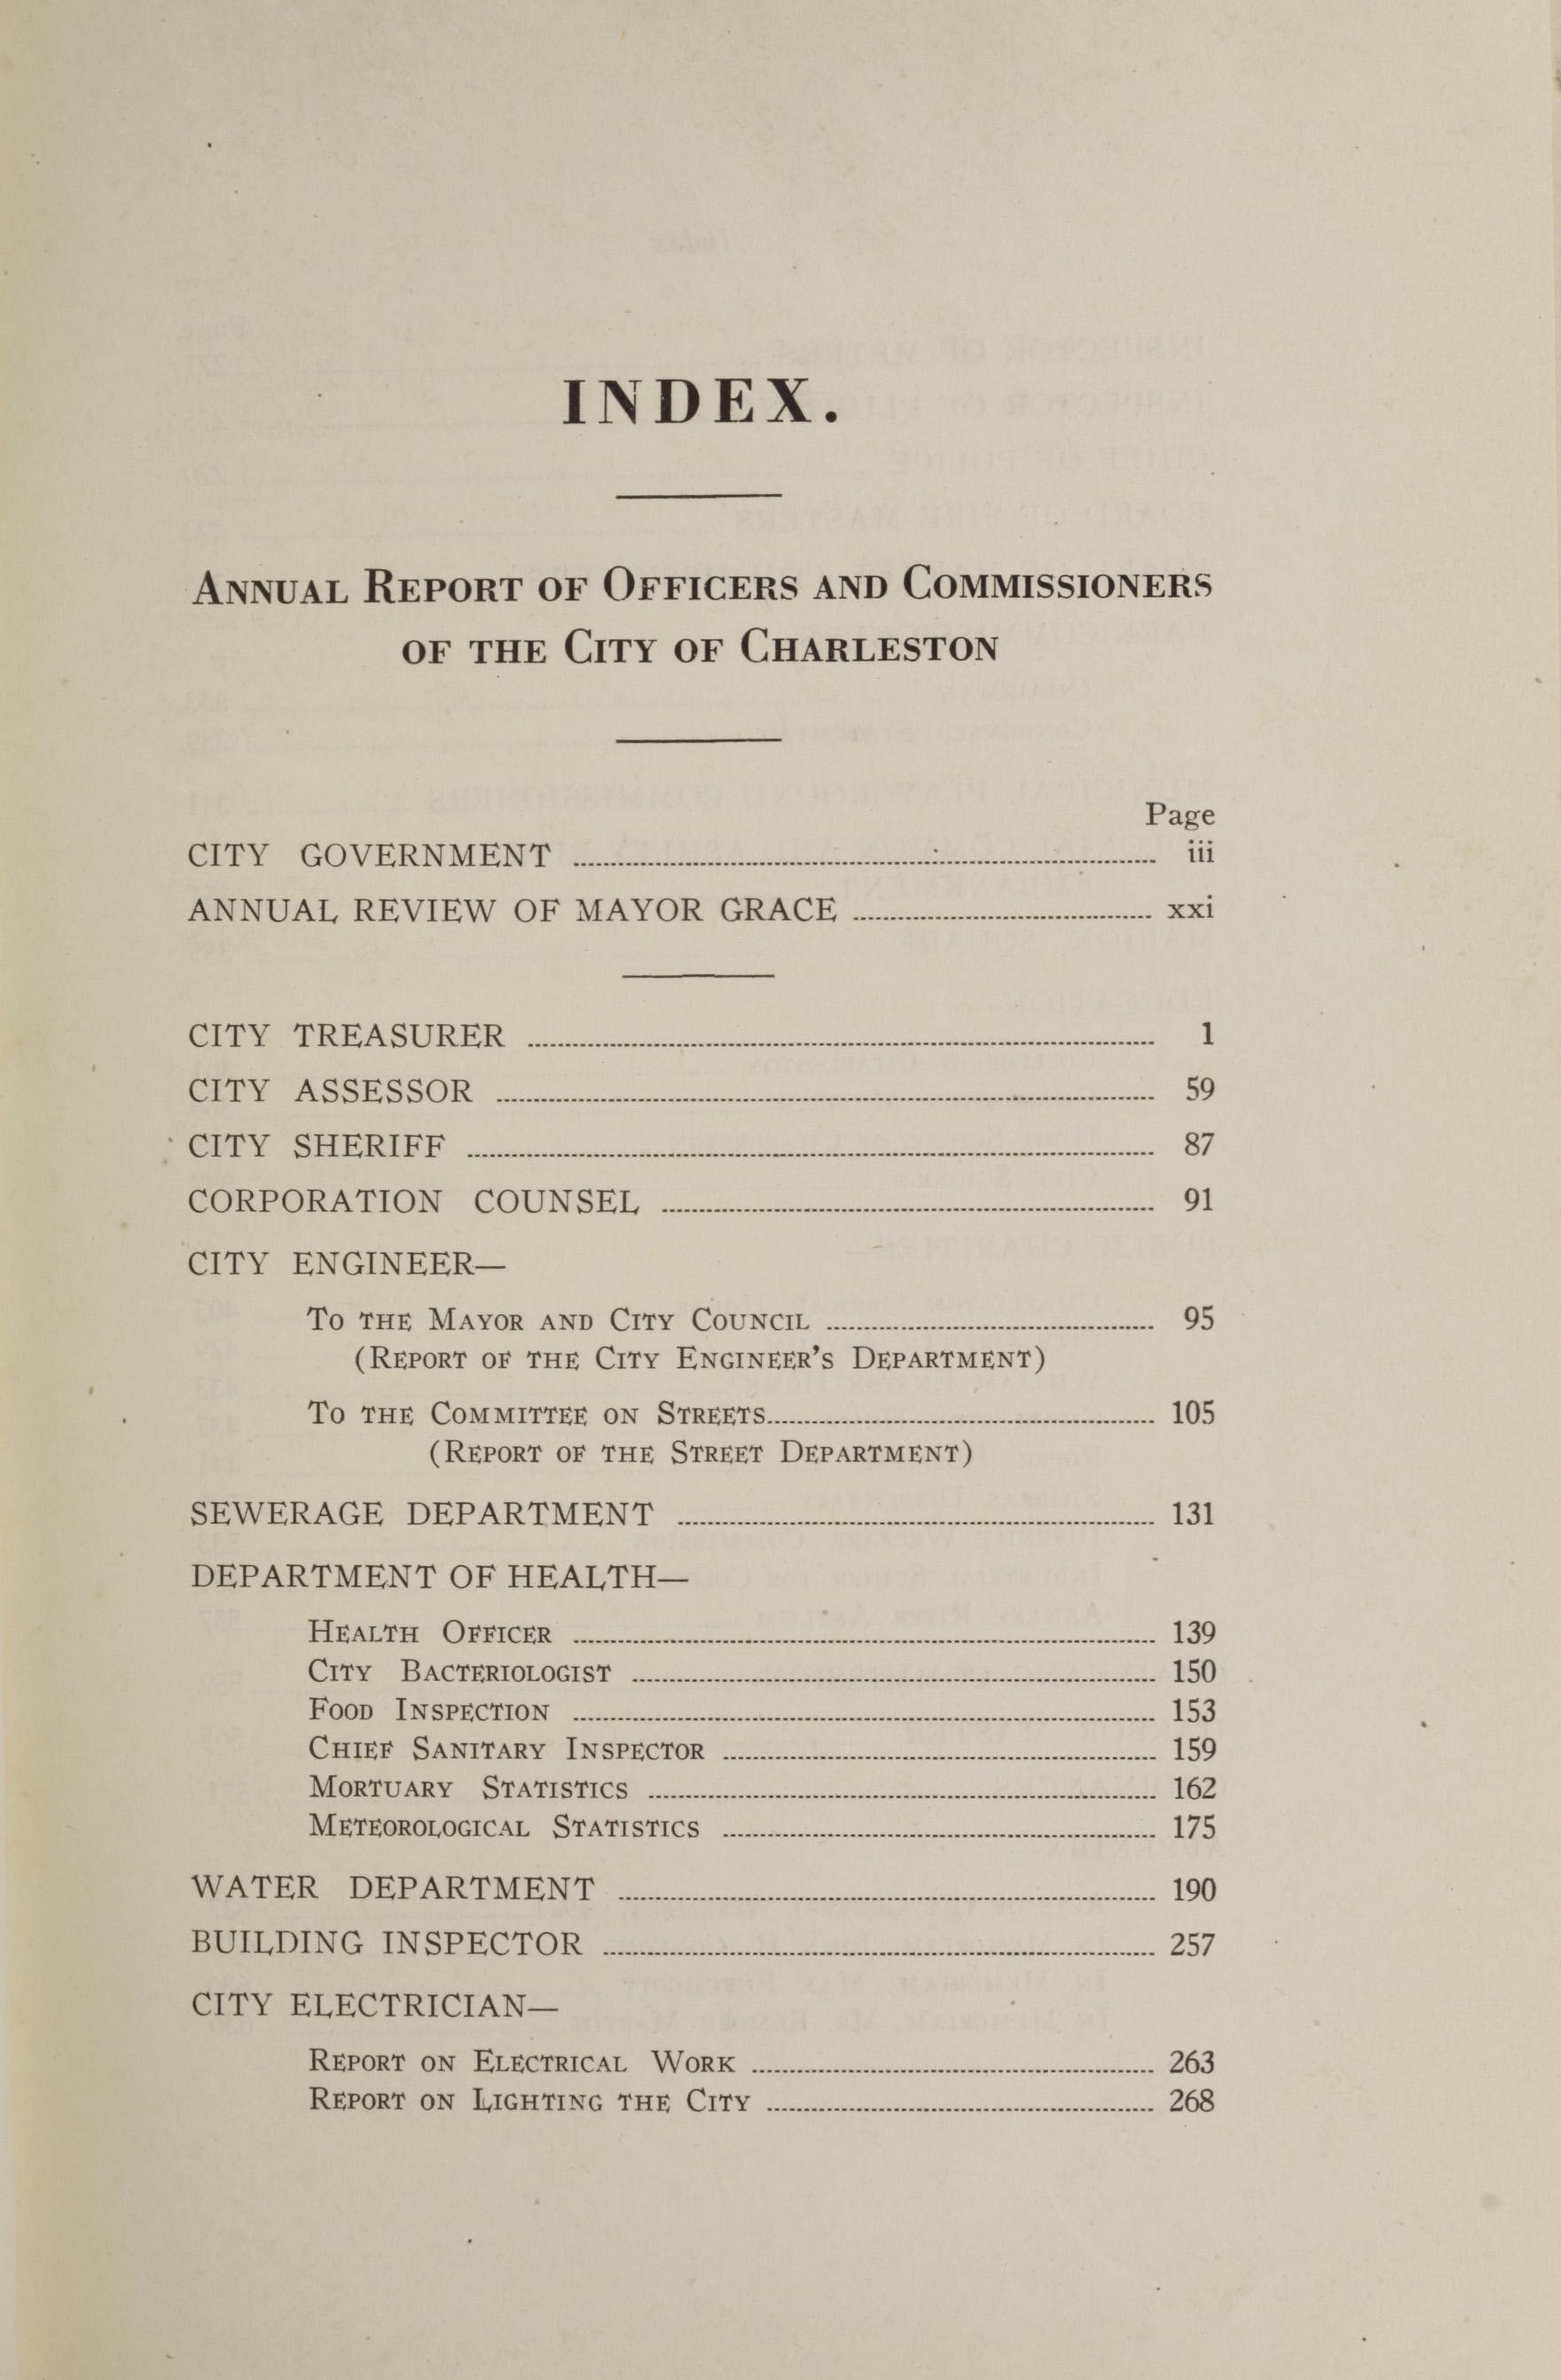 Charleston Yearbook, 1921, page xxxvii